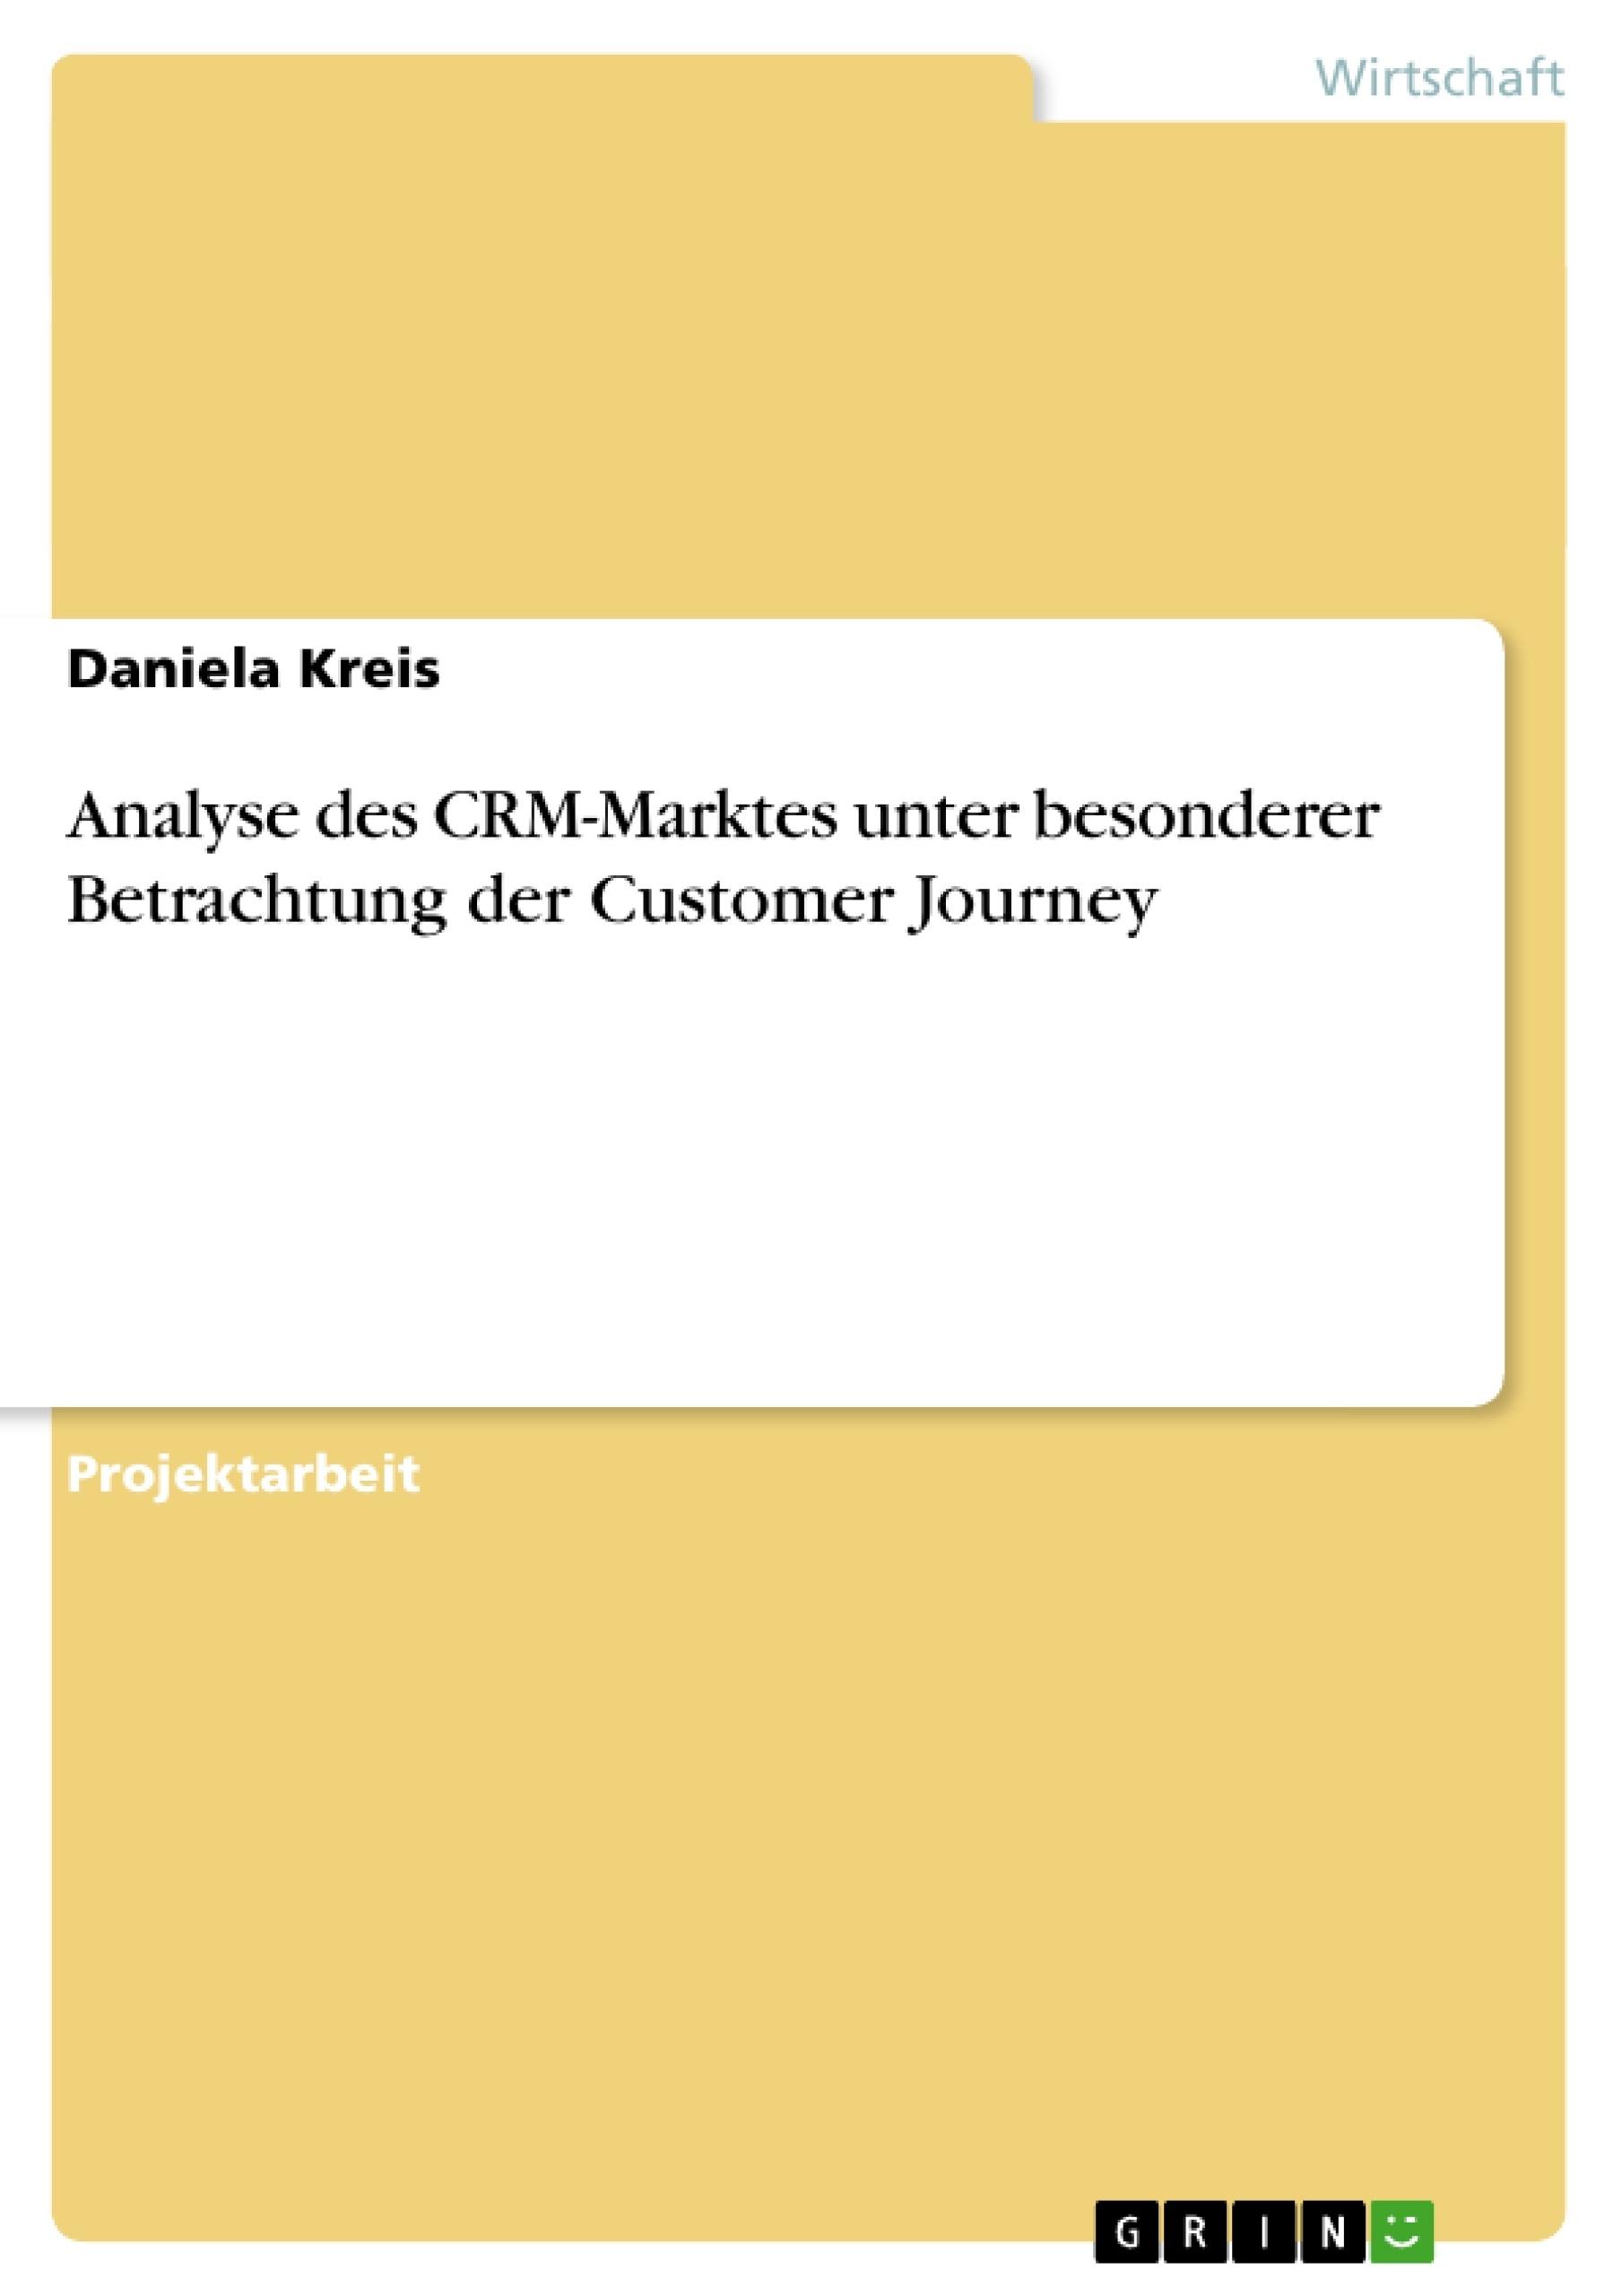 Titel: Analyse des CRM-Marktes unter besonderer Betrachtung der Customer Journey